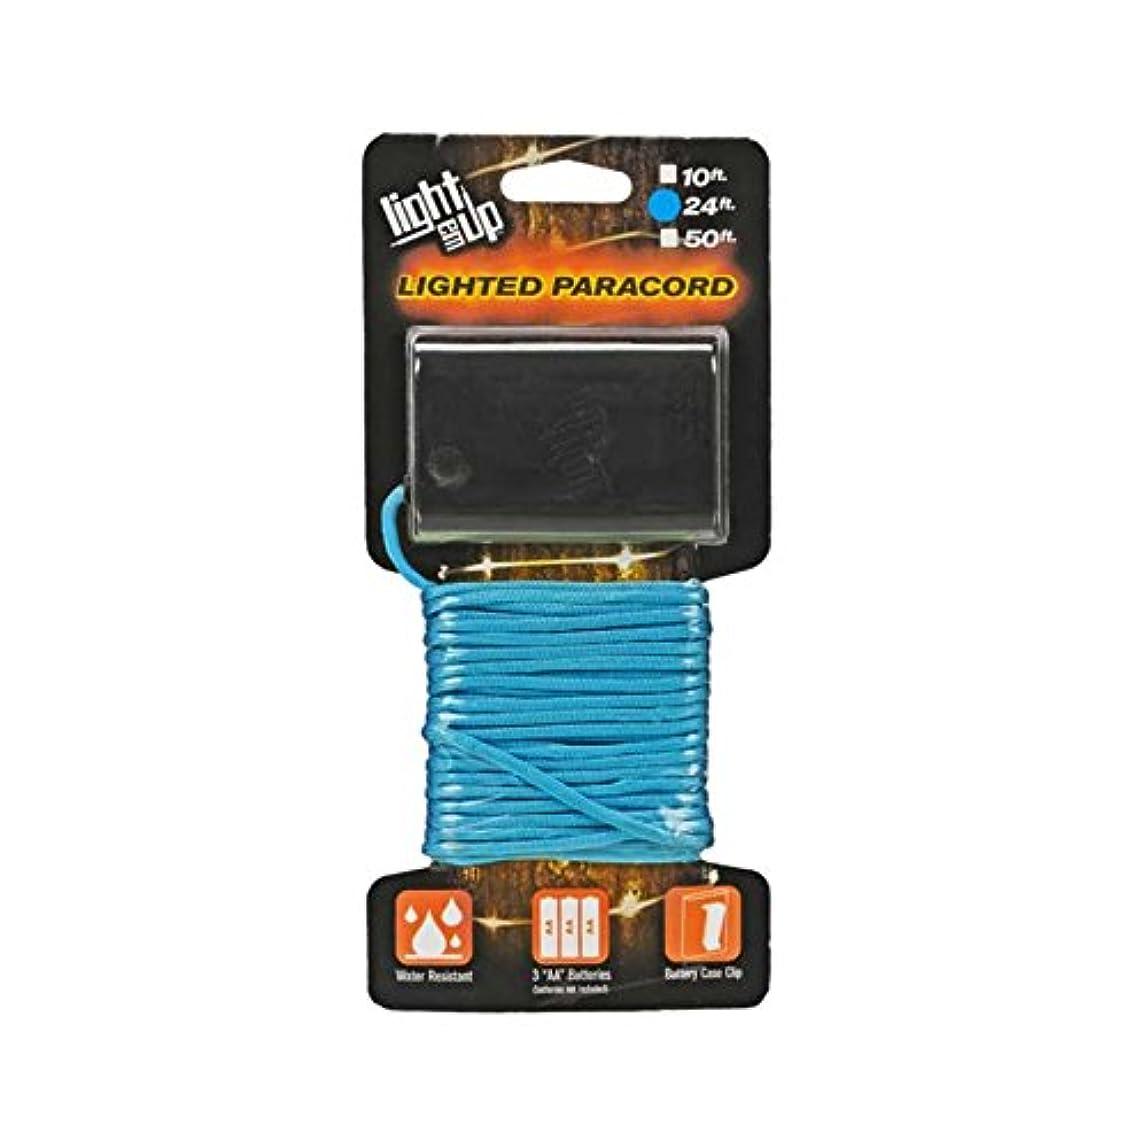 ドナー願望ゴシップ[ラインテッドパラコード] 耐水性 光るパラコード Blue/ブルー 24フィート(約7.3m) htpc24bu